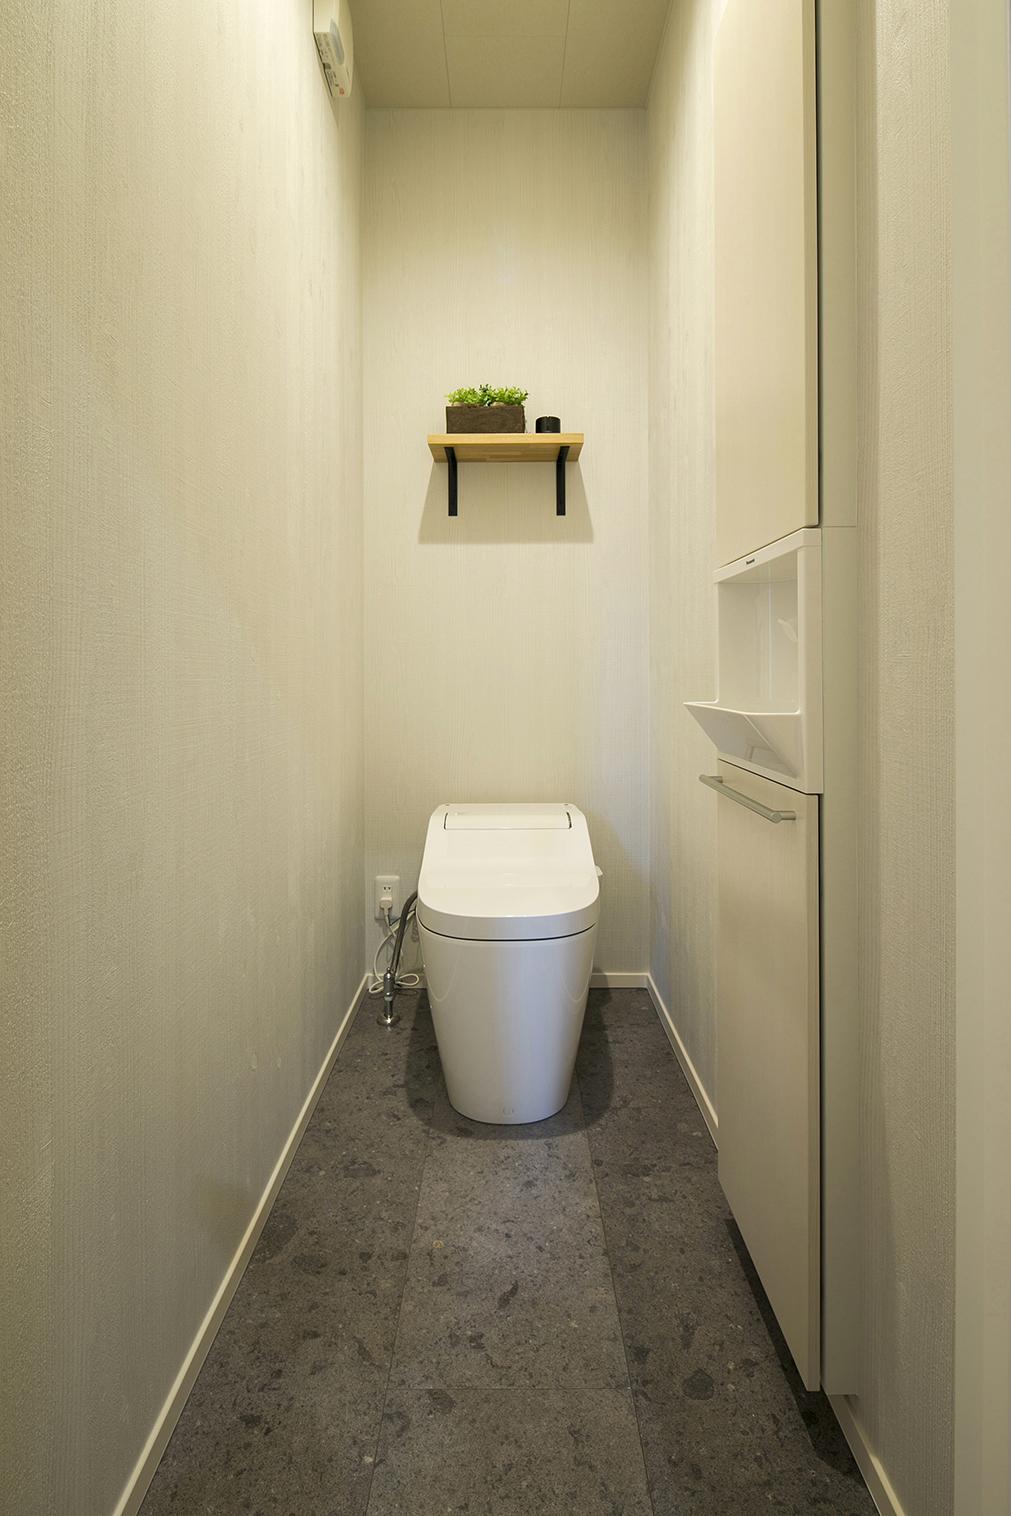 ハウスM21「時代に即した新たな形の「平屋」空間」トイレ写真